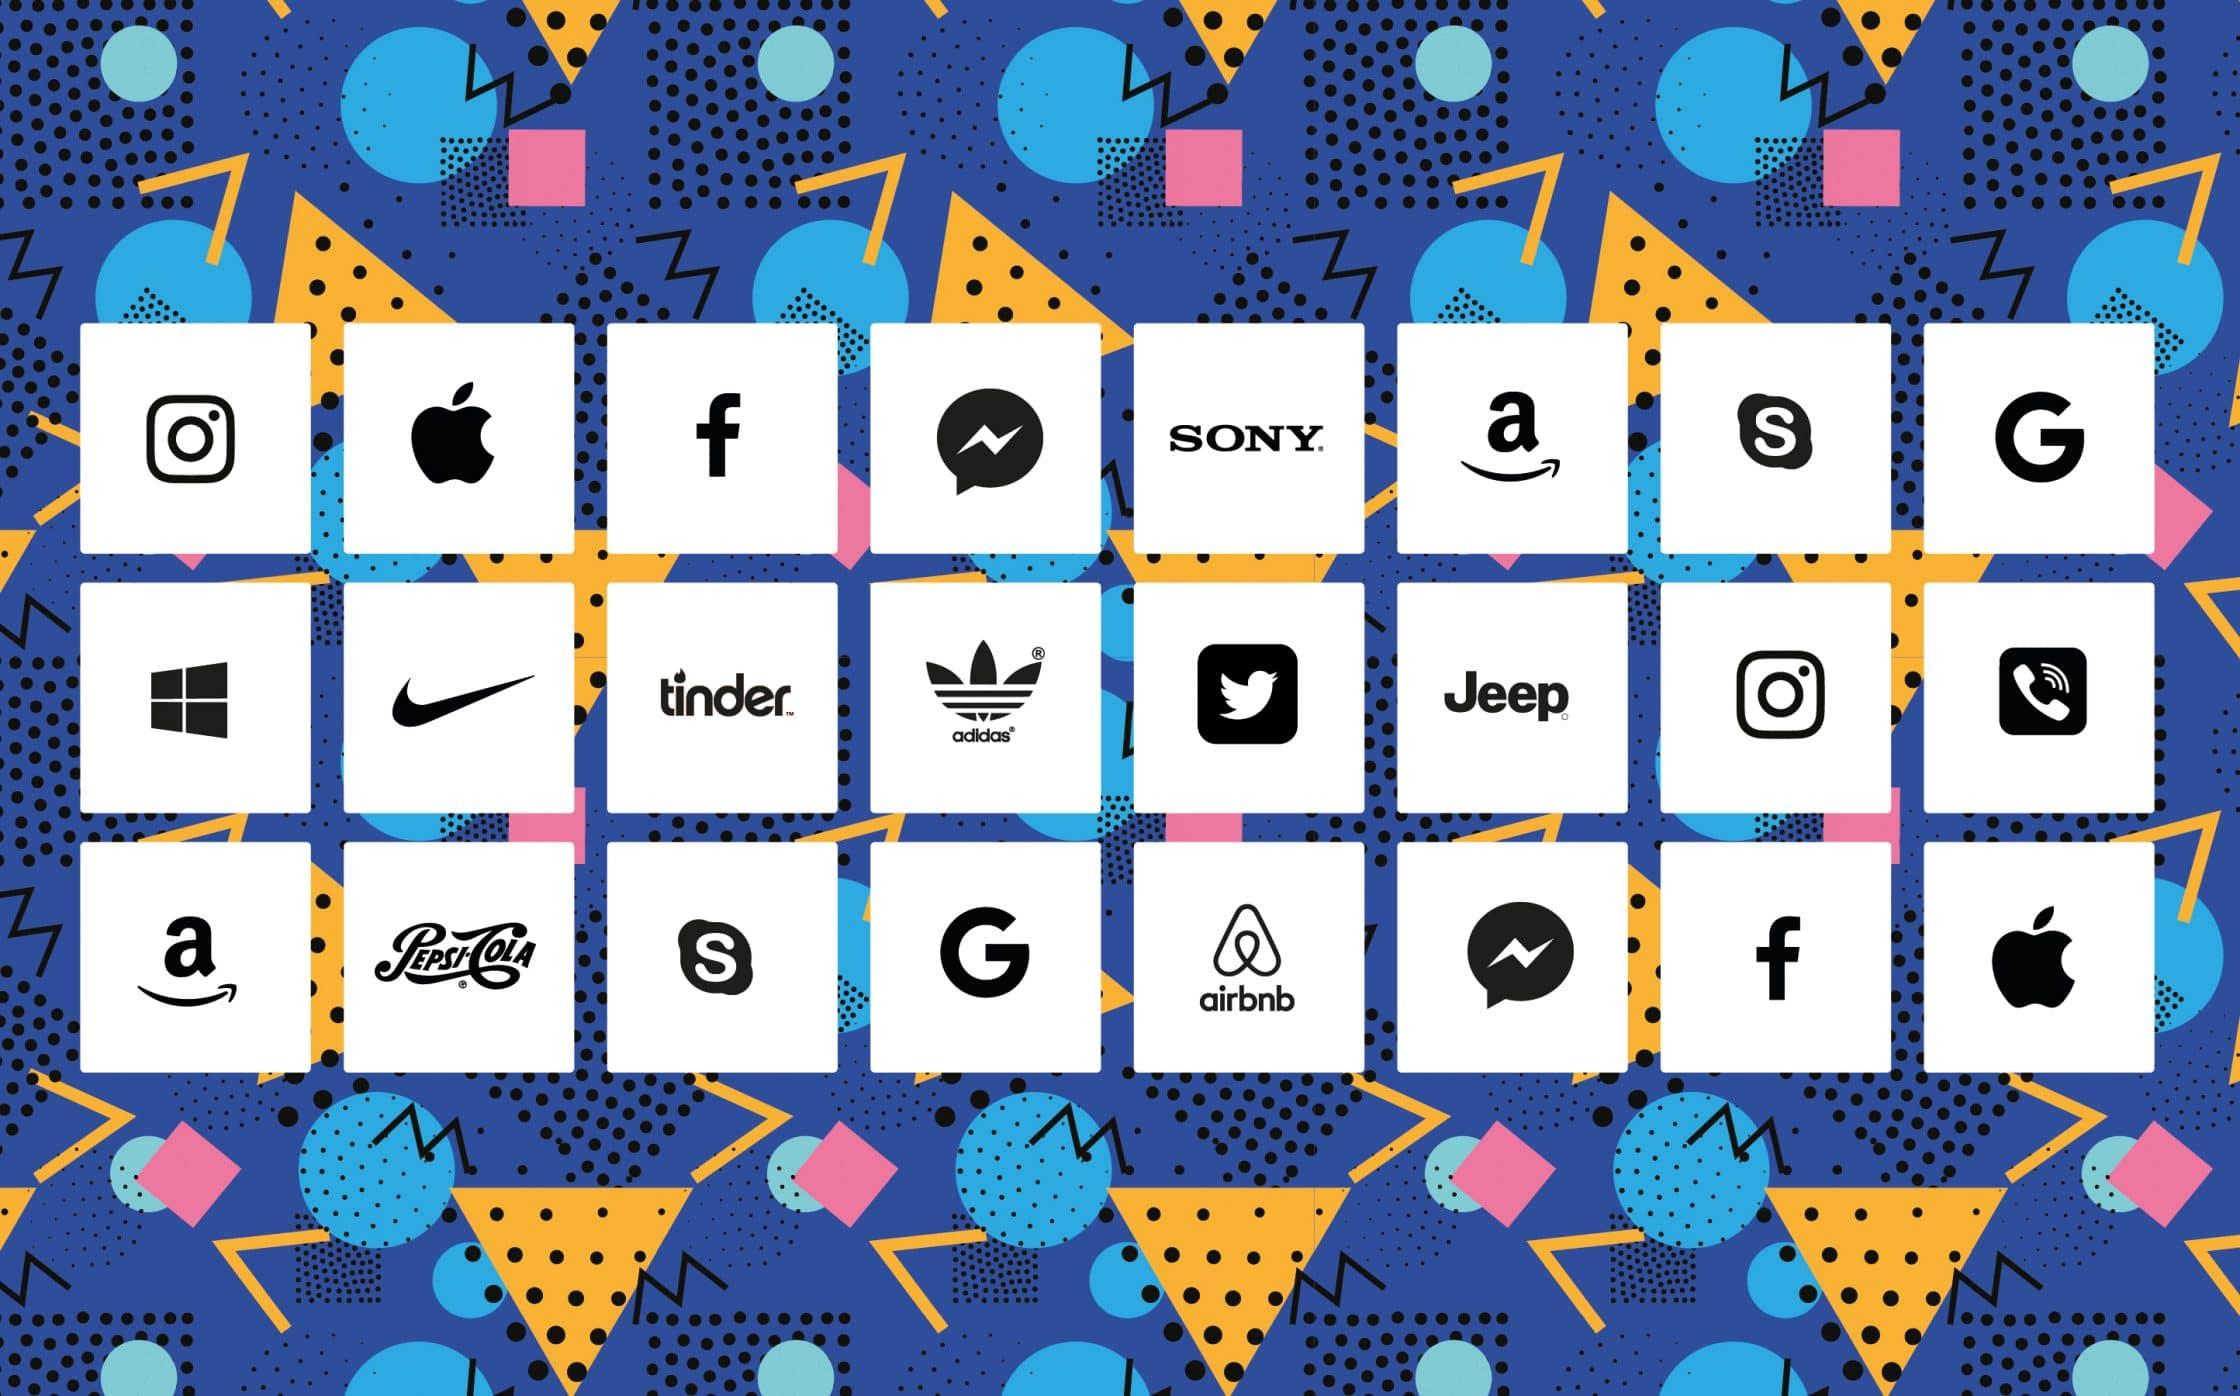 Psychology of logo shapes